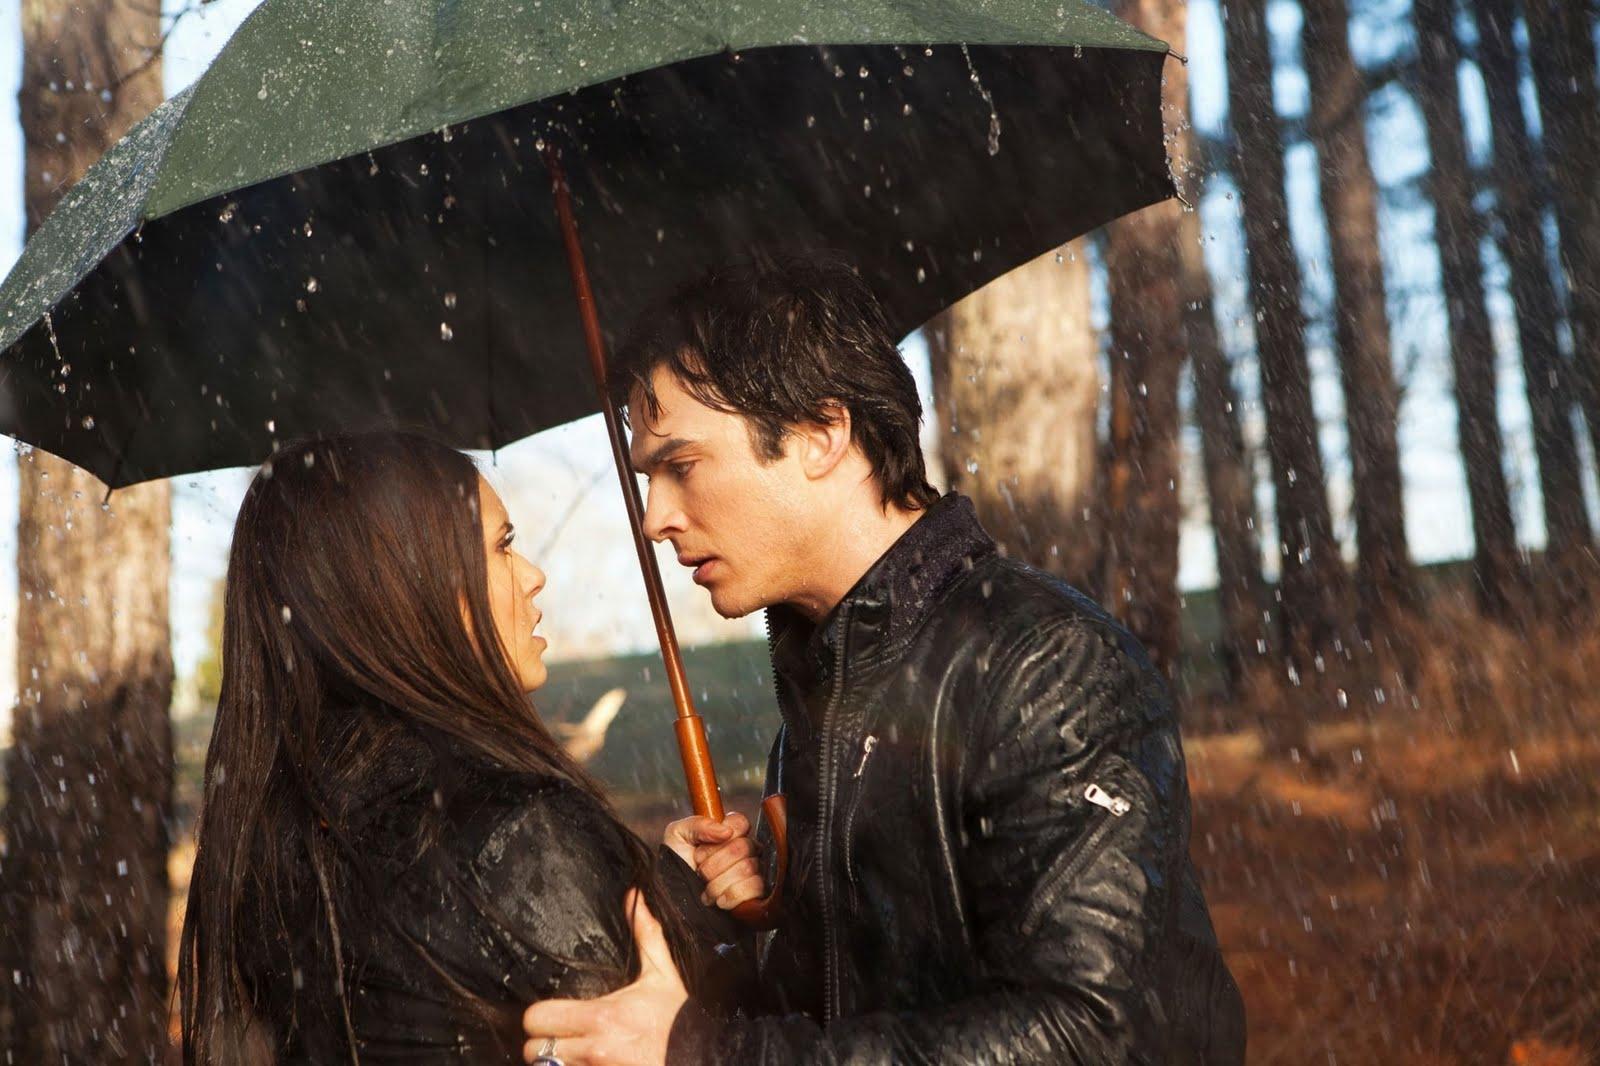 Vampire Diaries Damon and Elena